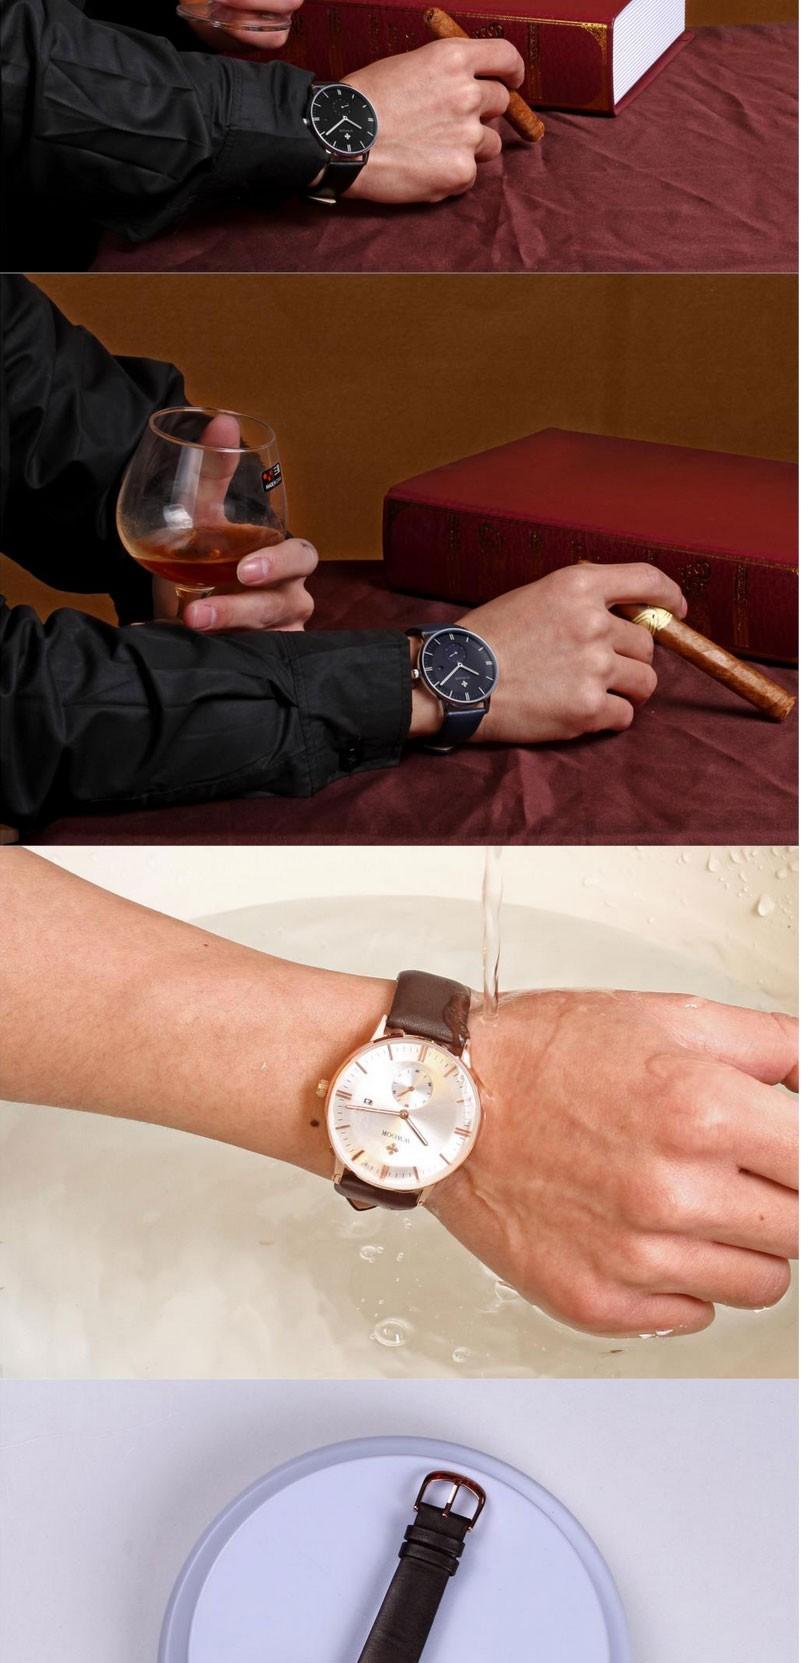 Люксовый Бренд Ультра тонкий Дата Кожа мужские Кварцевые Часы Розовое Золото Повседневная Спортивные Часы Мужчины Наручные Часы Relogio Masculino